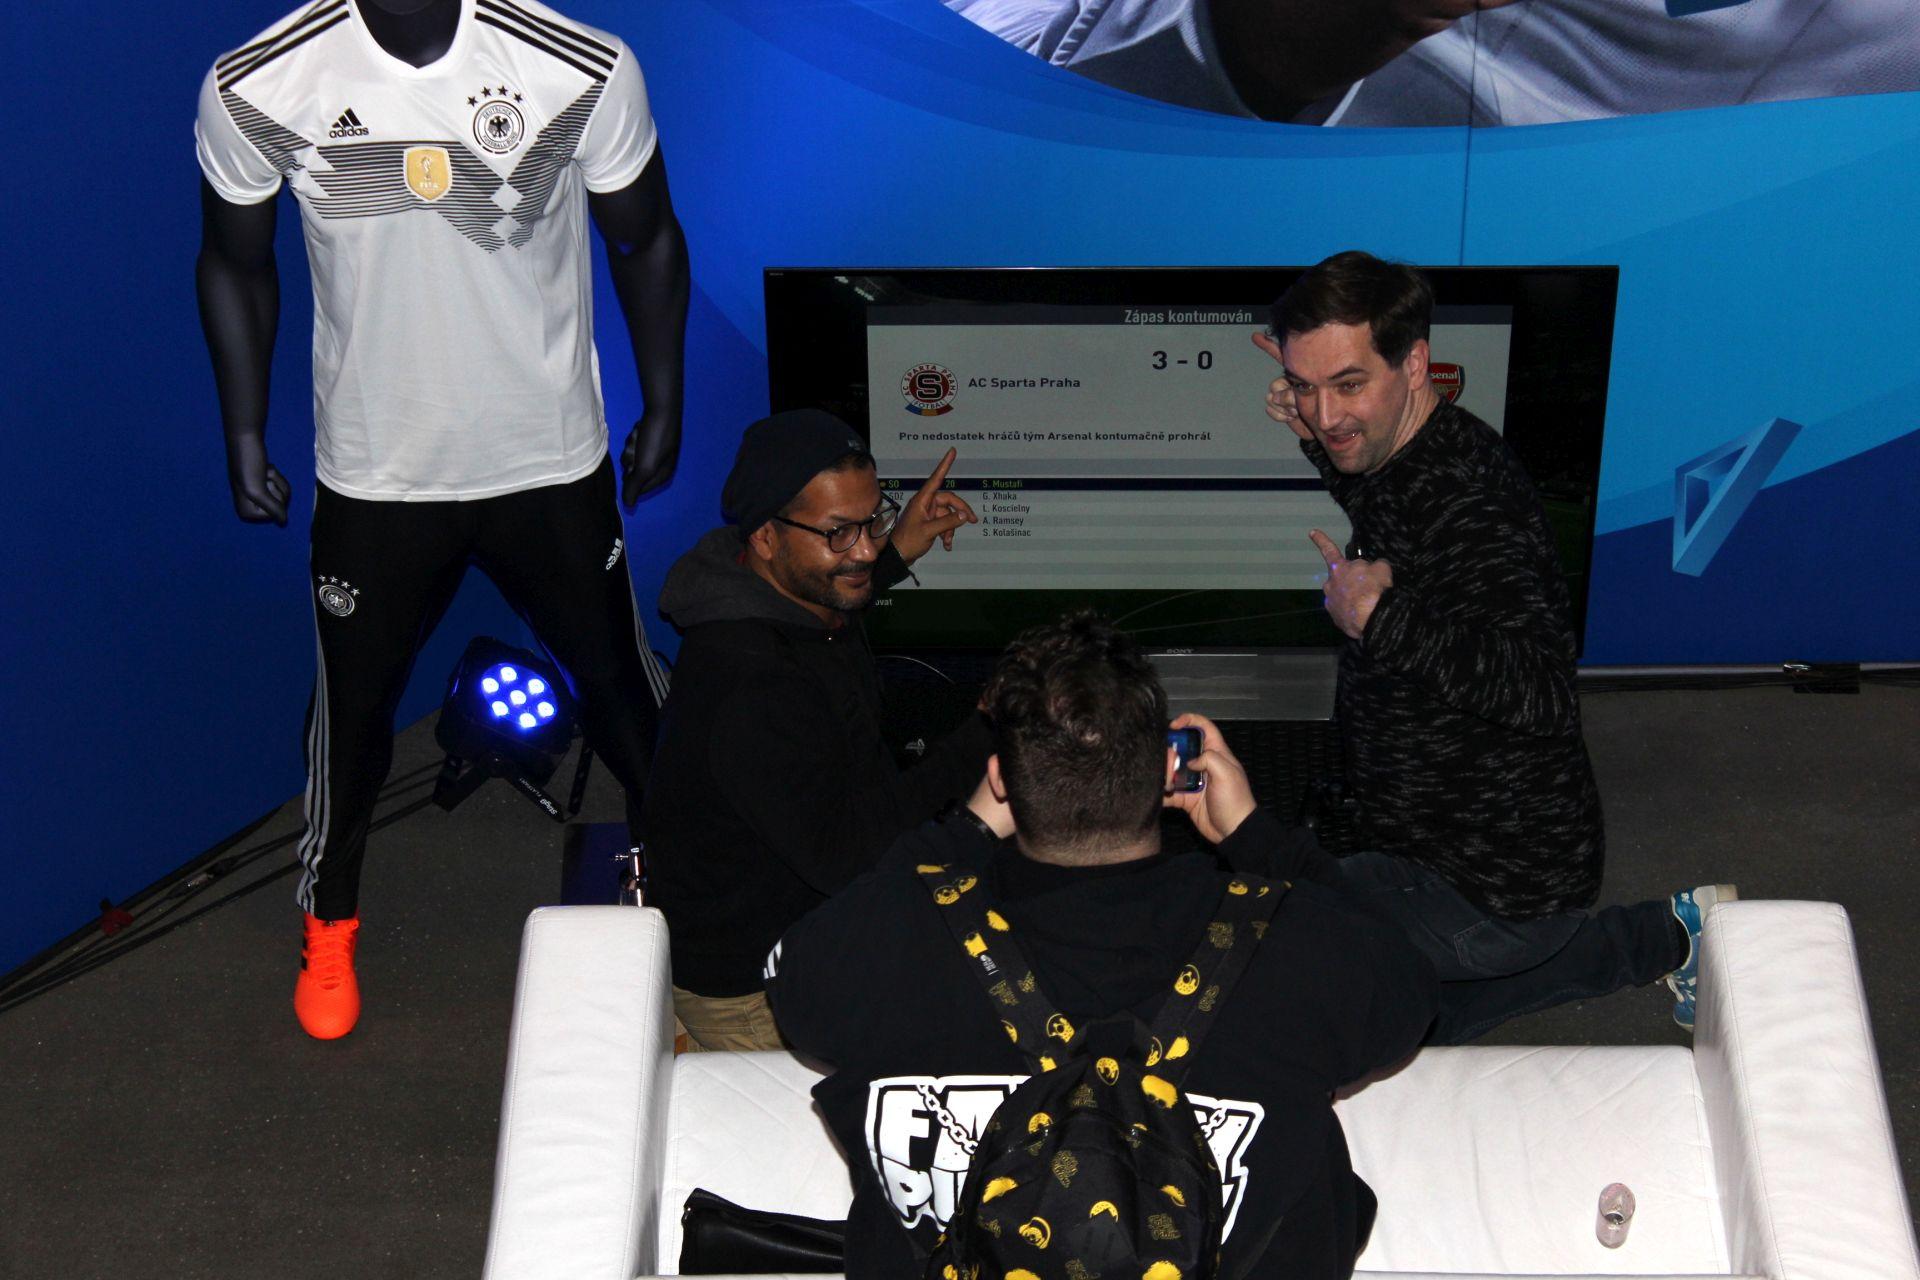 Vyzkoušeli jsme, co si zahrajete na PlayStation Nation 152791